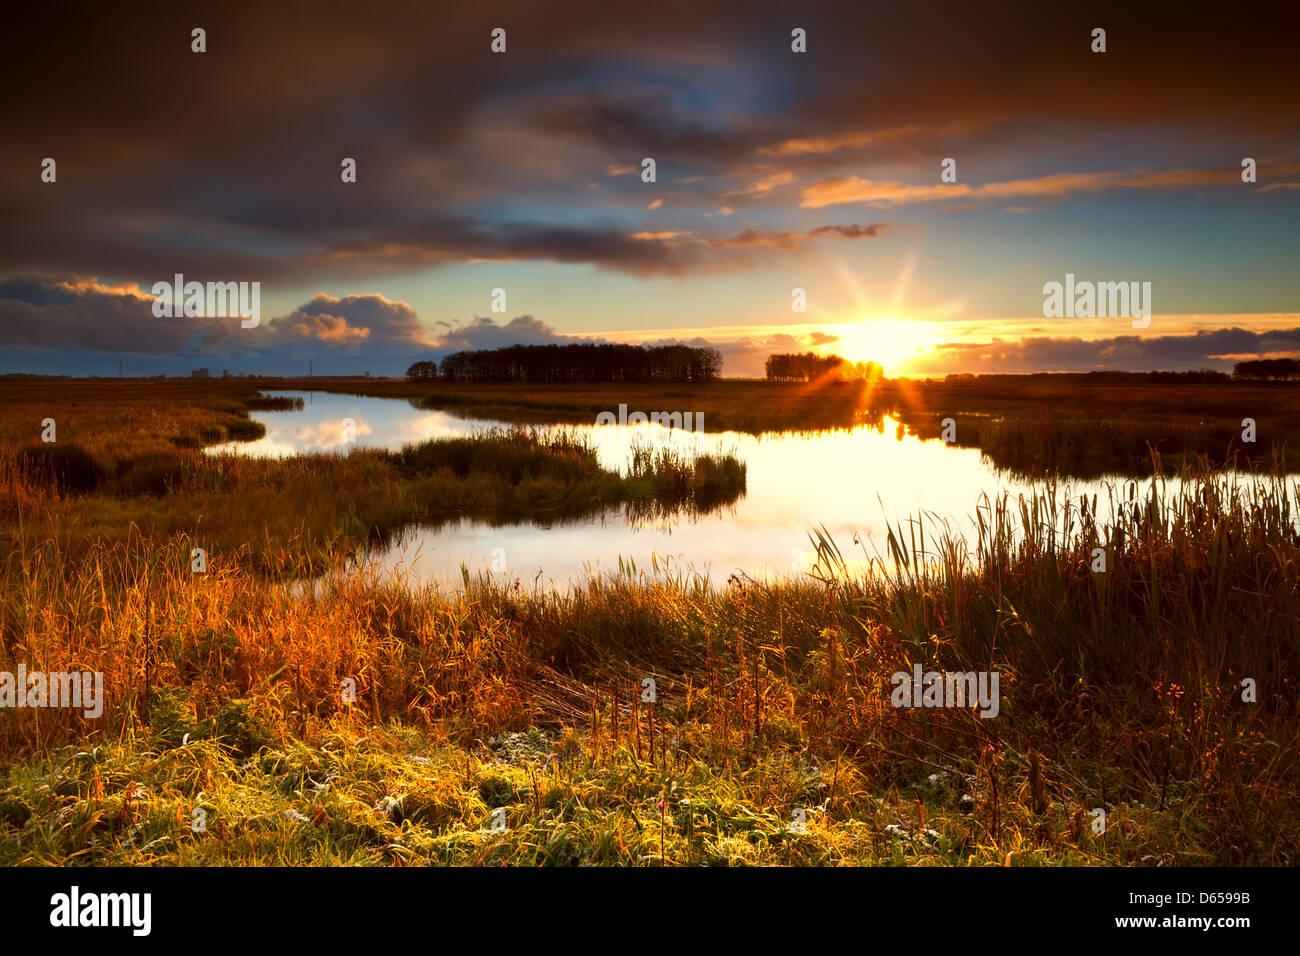 dramatic sunrise over lake - Stock Image